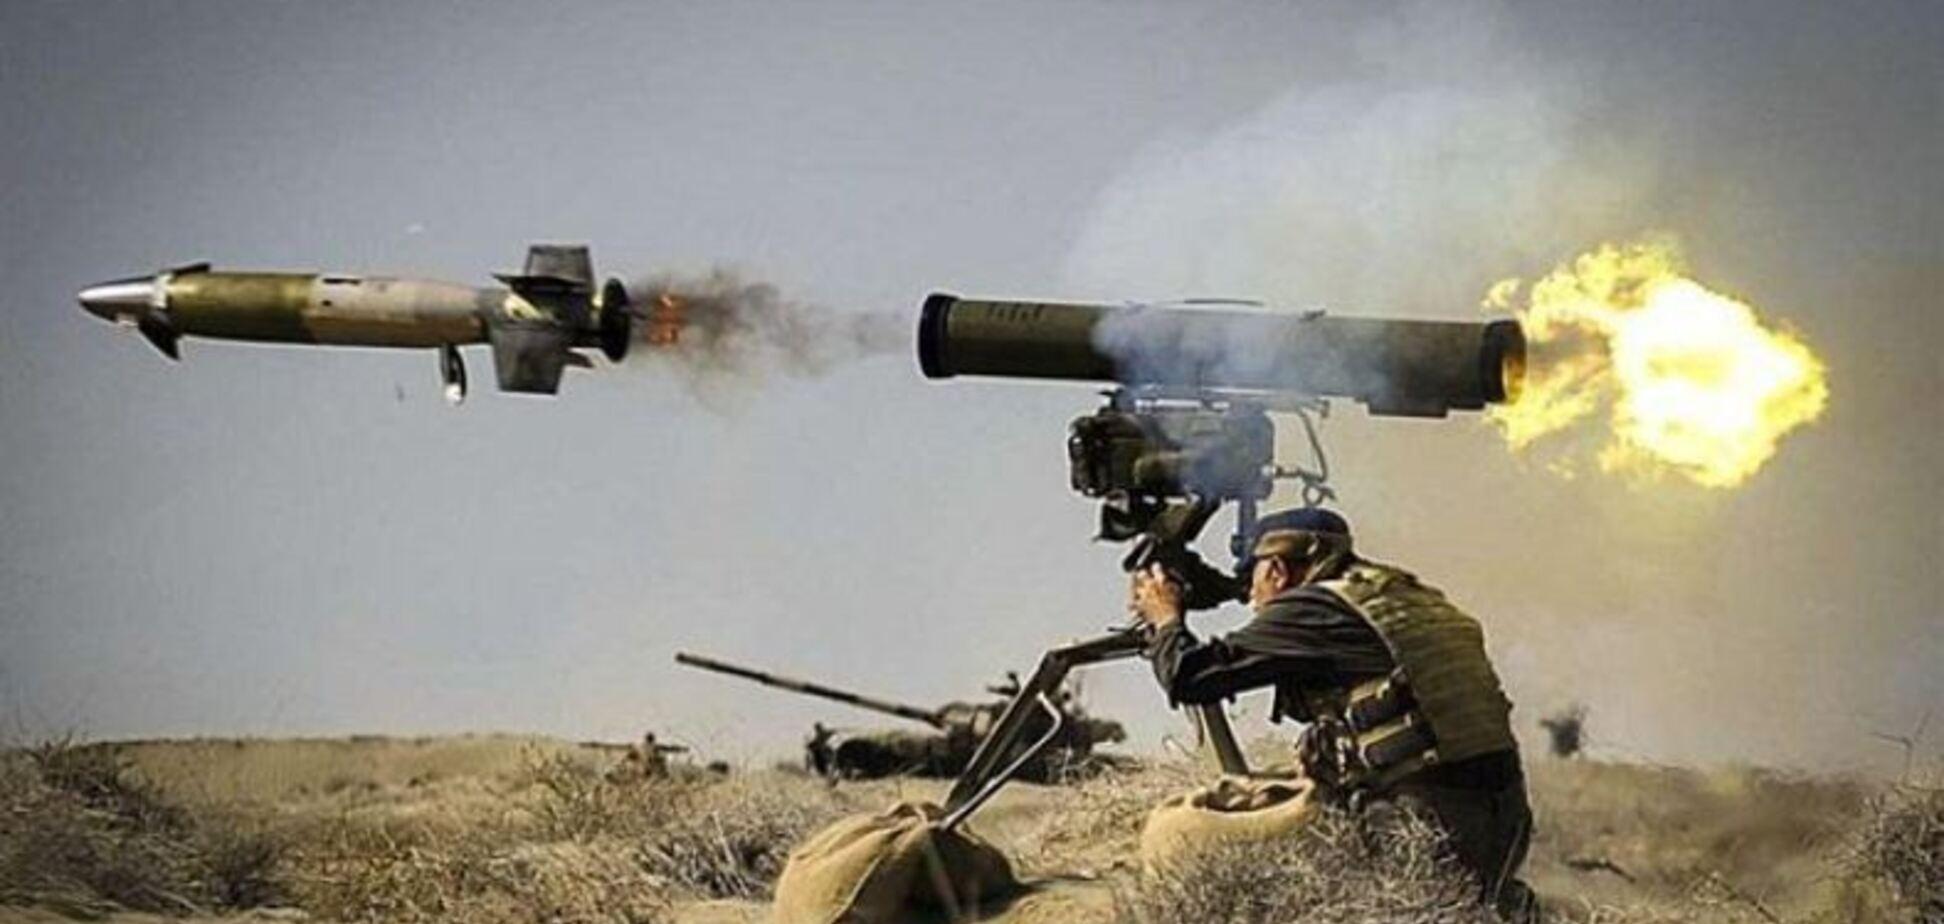 Javelin против агрессии РФ: генерал назвал условие применения